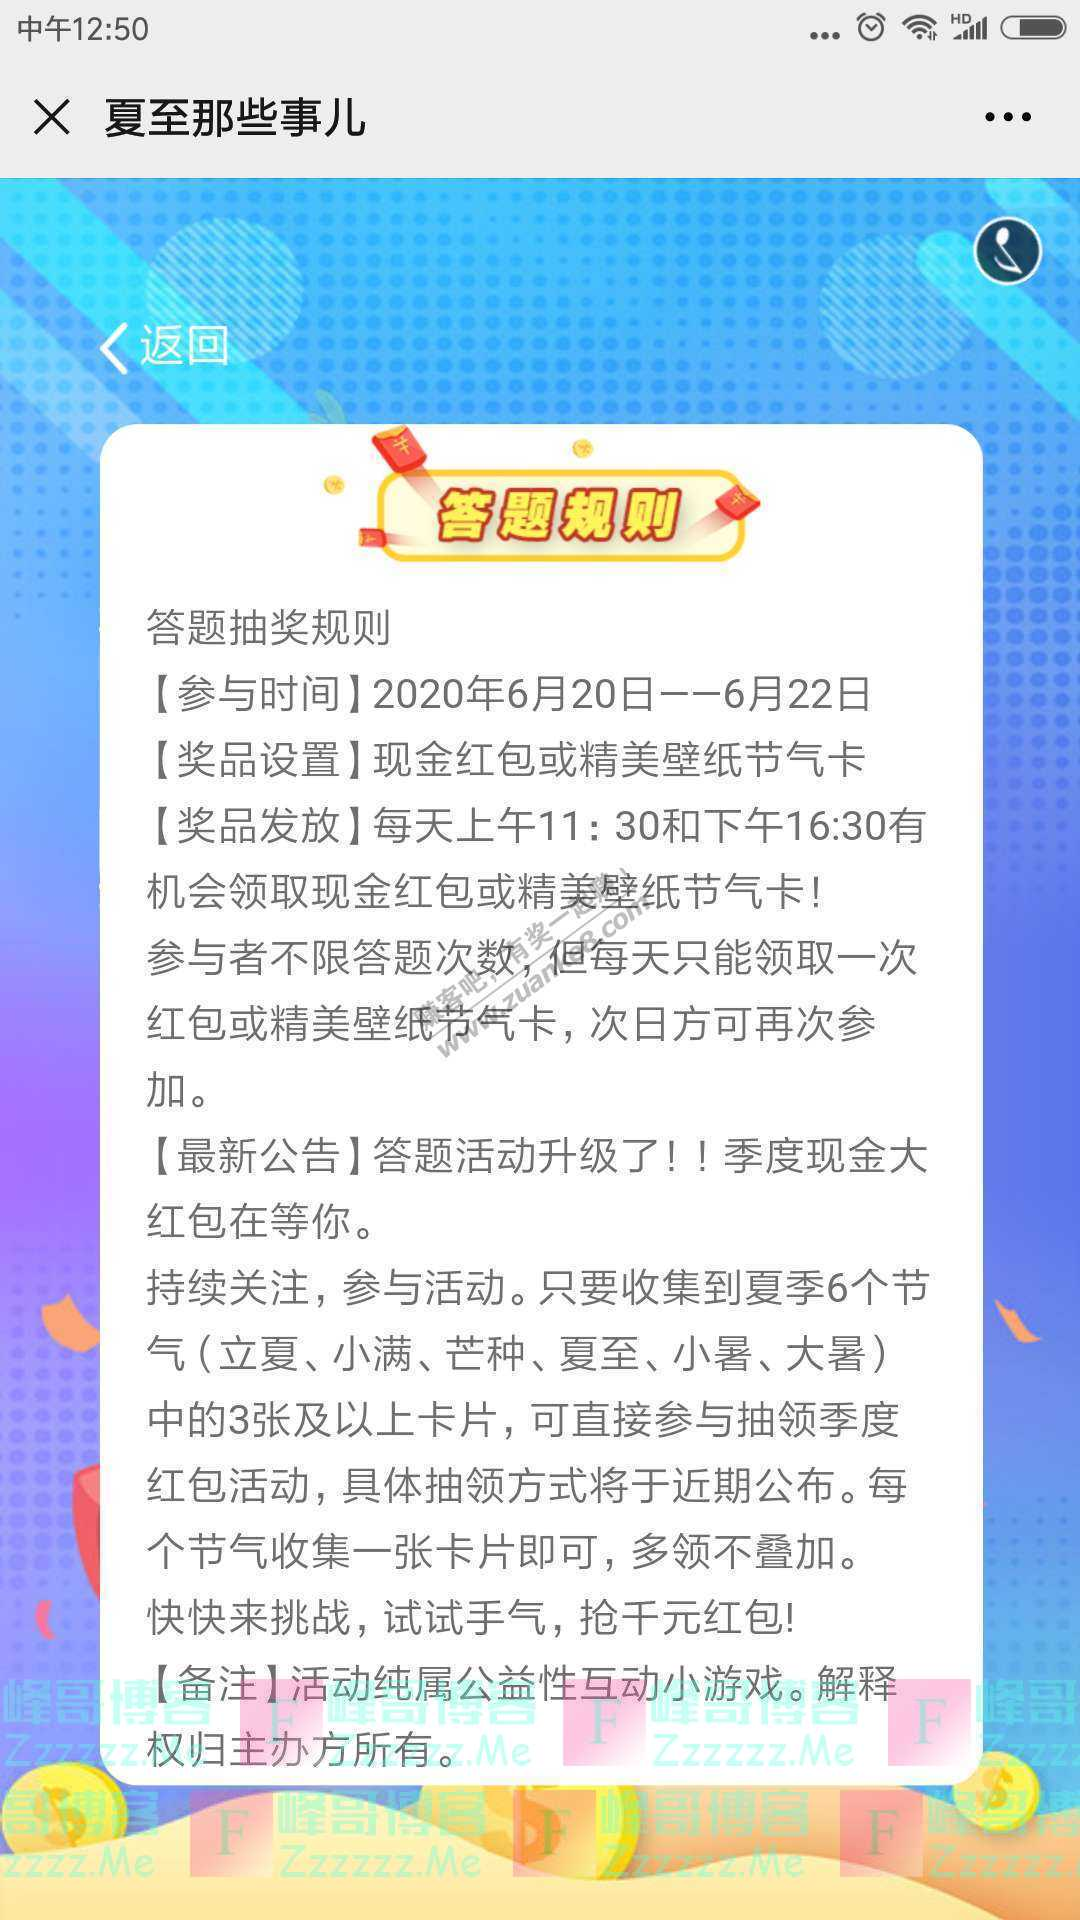 """掌上重庆""""夏至""""到!快来学习答题集卡领千元红包!(截止6月22日)"""